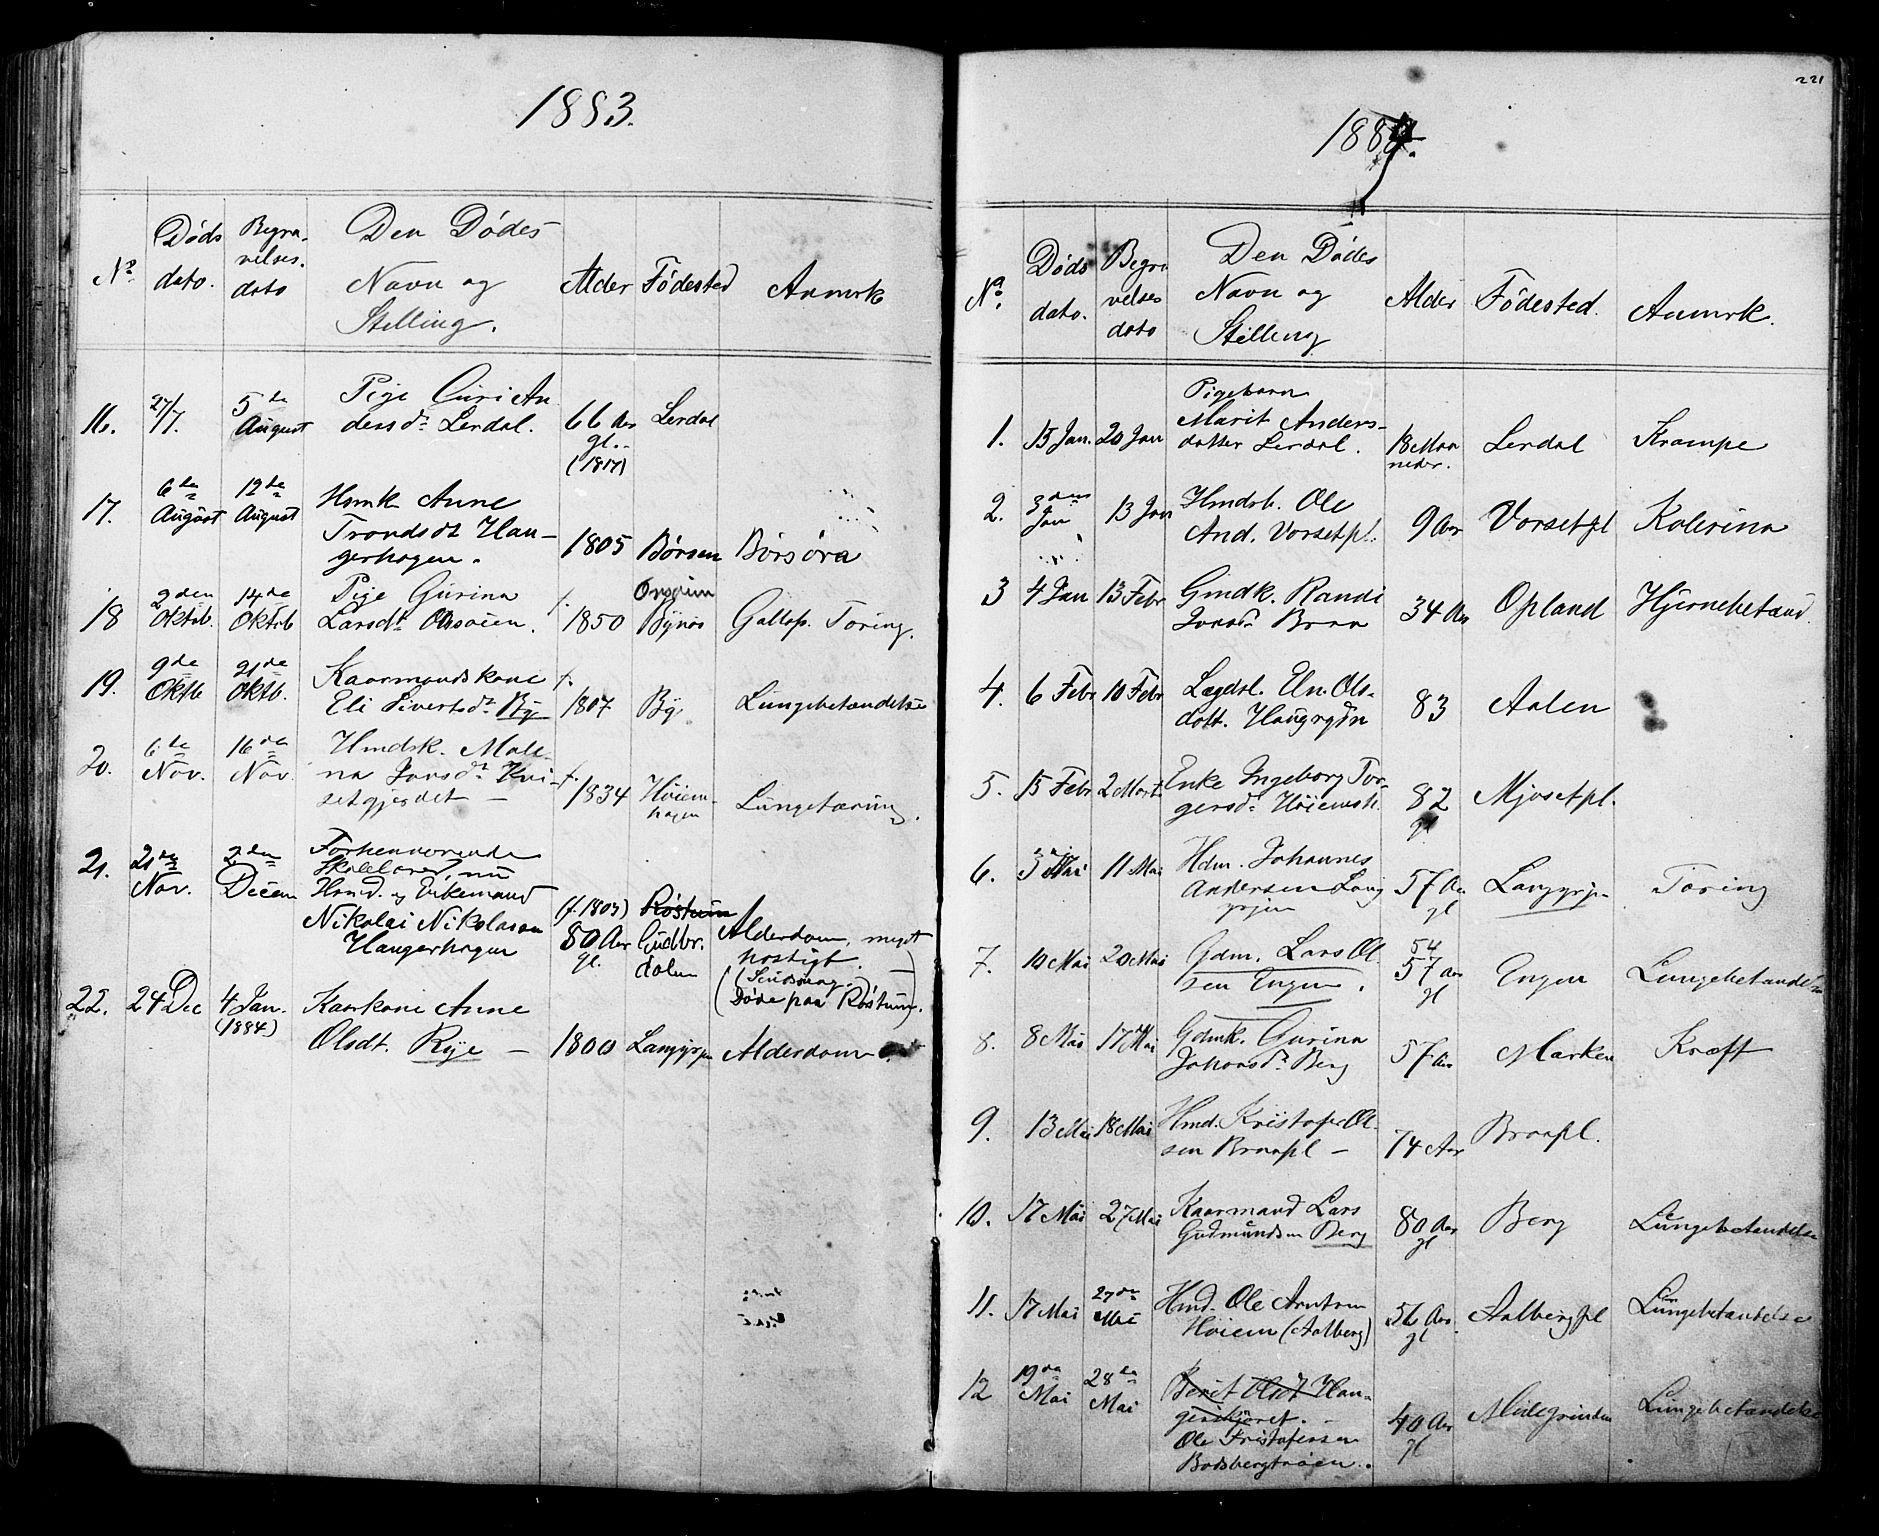 SAT, Ministerialprotokoller, klokkerbøker og fødselsregistre - Sør-Trøndelag, 612/L0387: Klokkerbok nr. 612C03, 1874-1908, s. 221